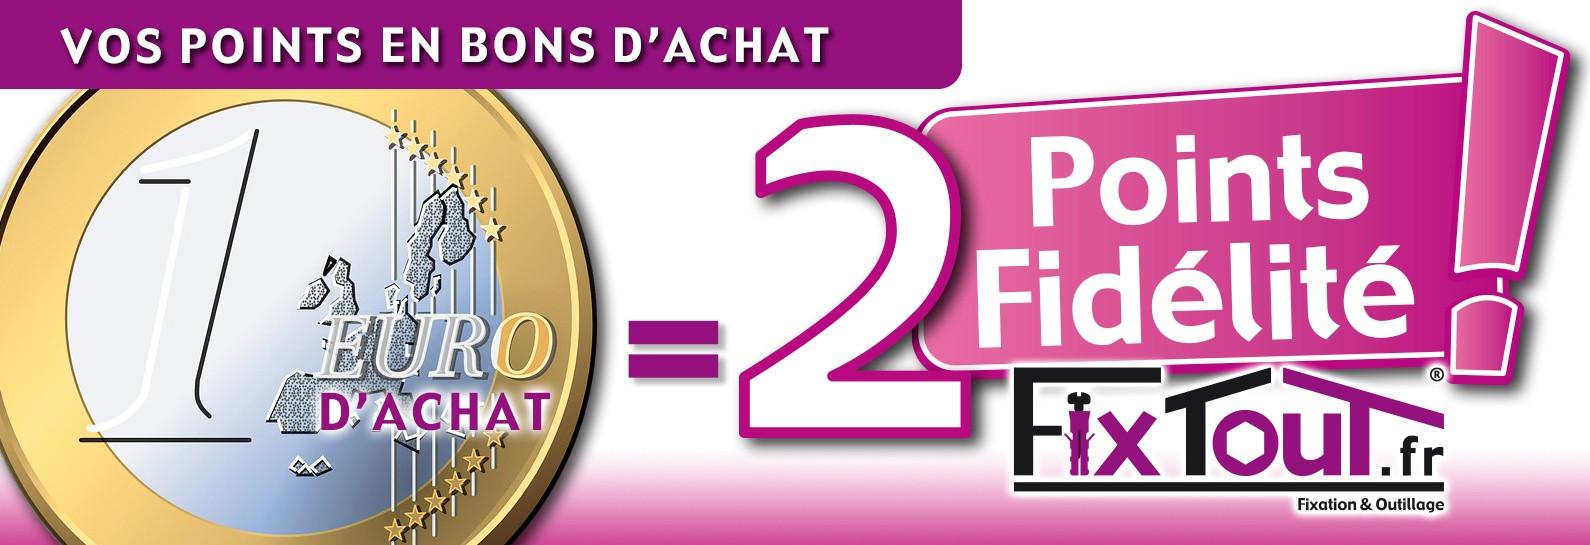 Nouveau sur fixtout.fr